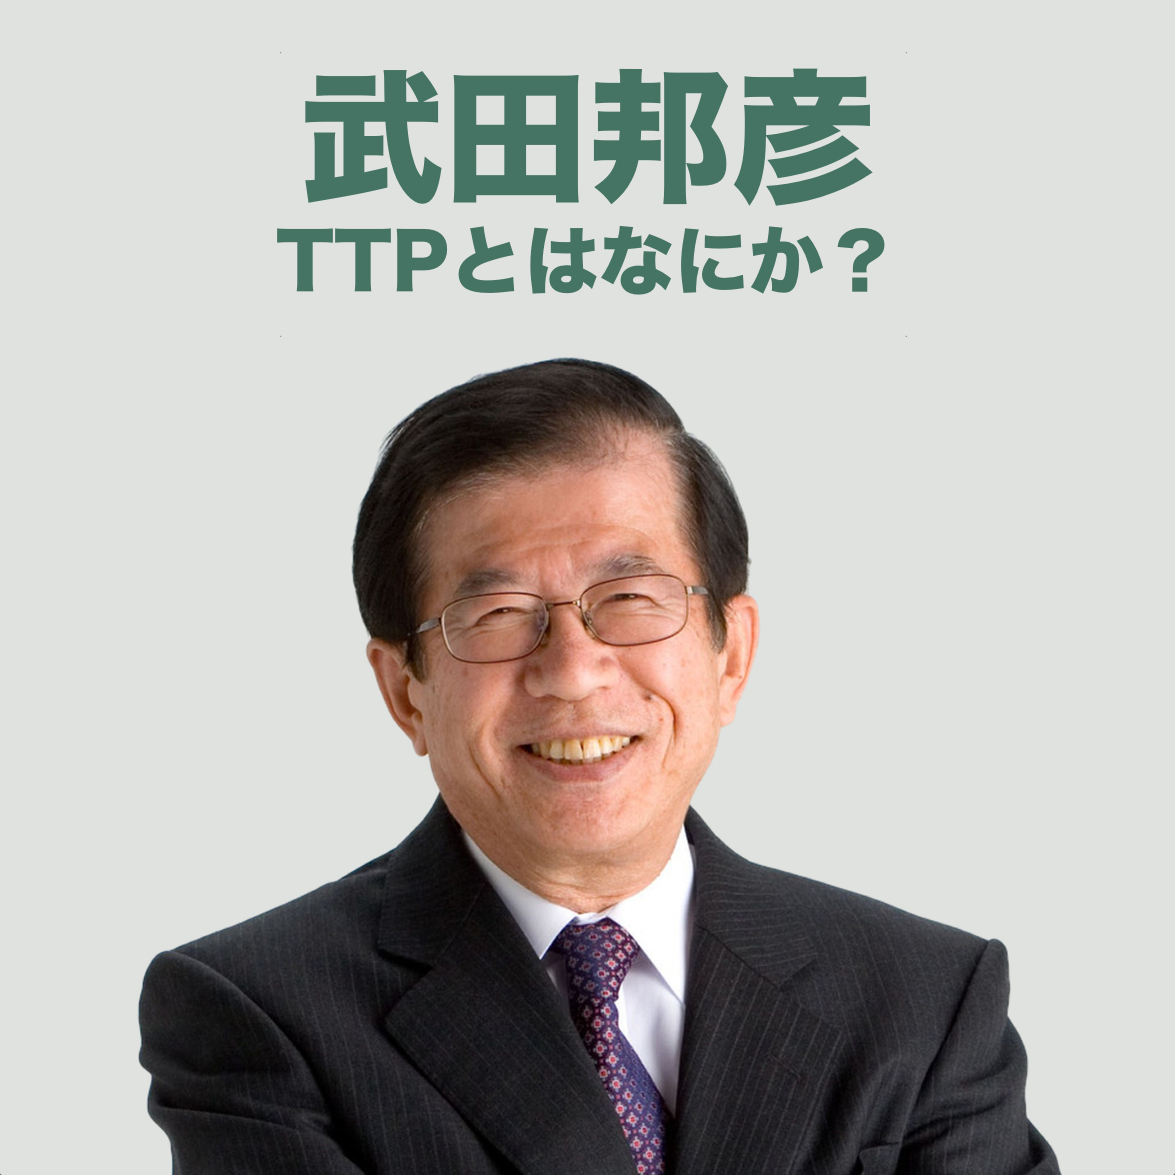 TPPとはなにか?